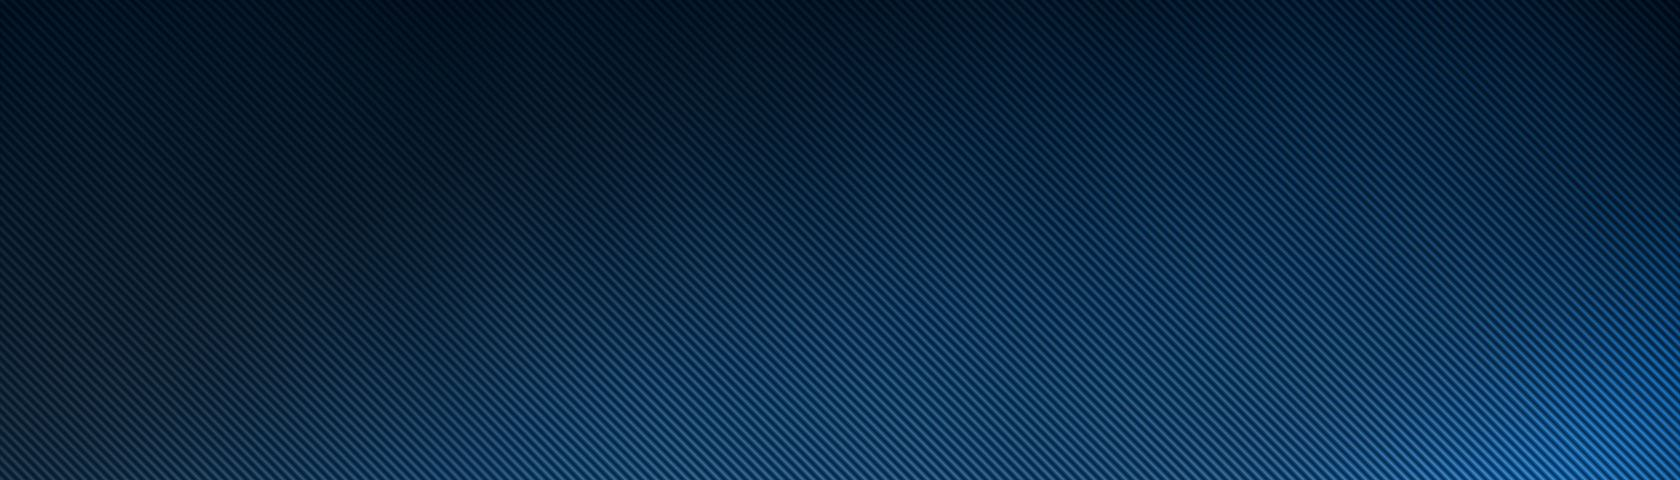 Minimalistic Blue Pattern